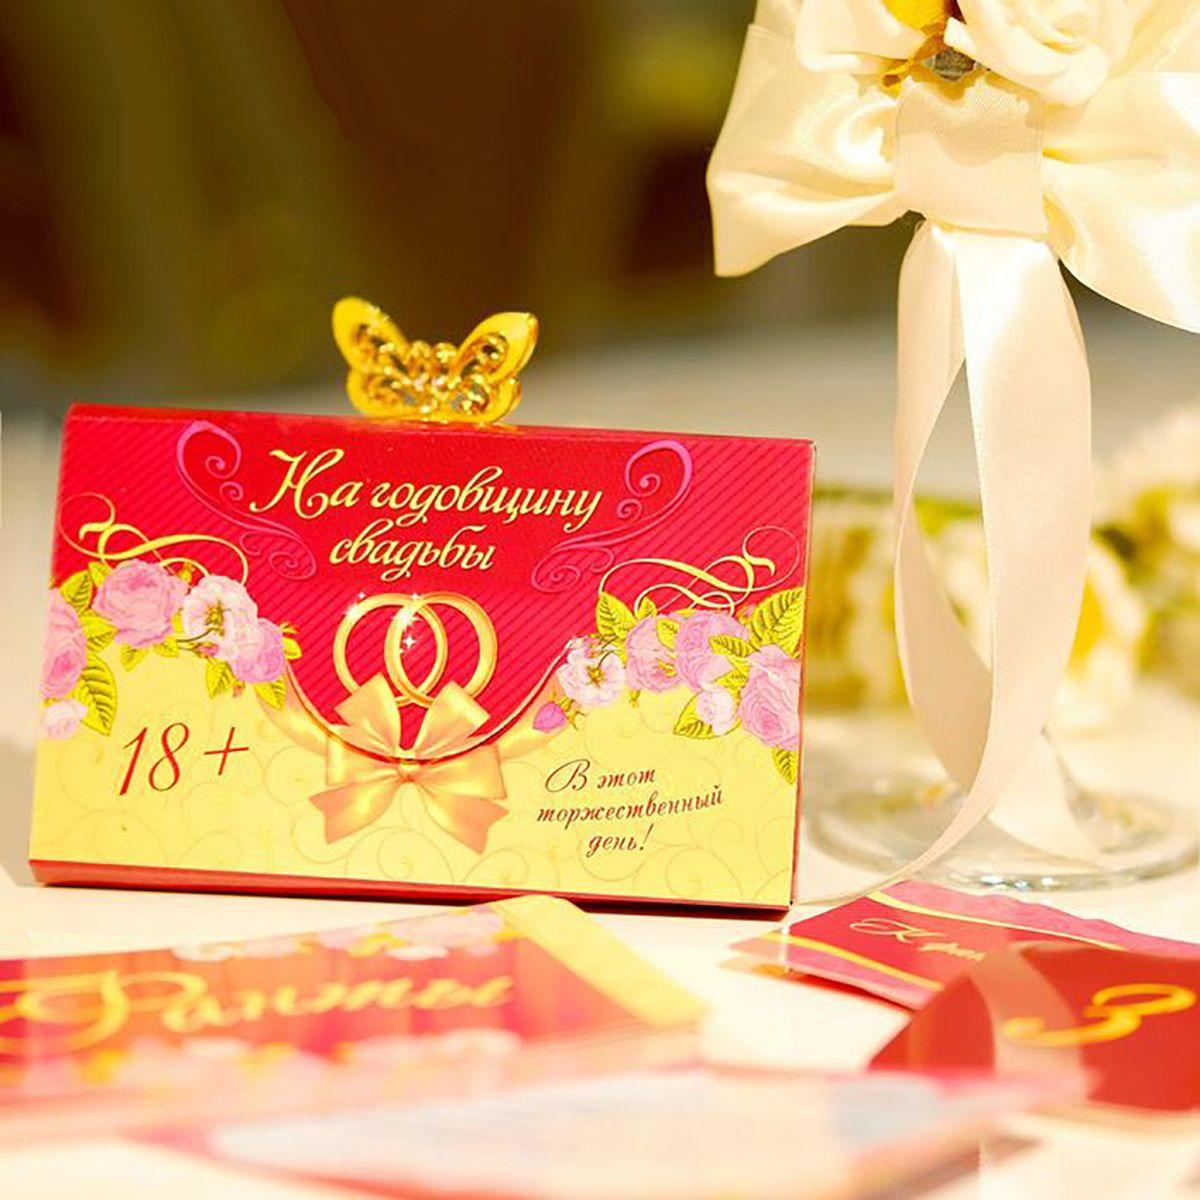 Игра На годовщину свадьбы-